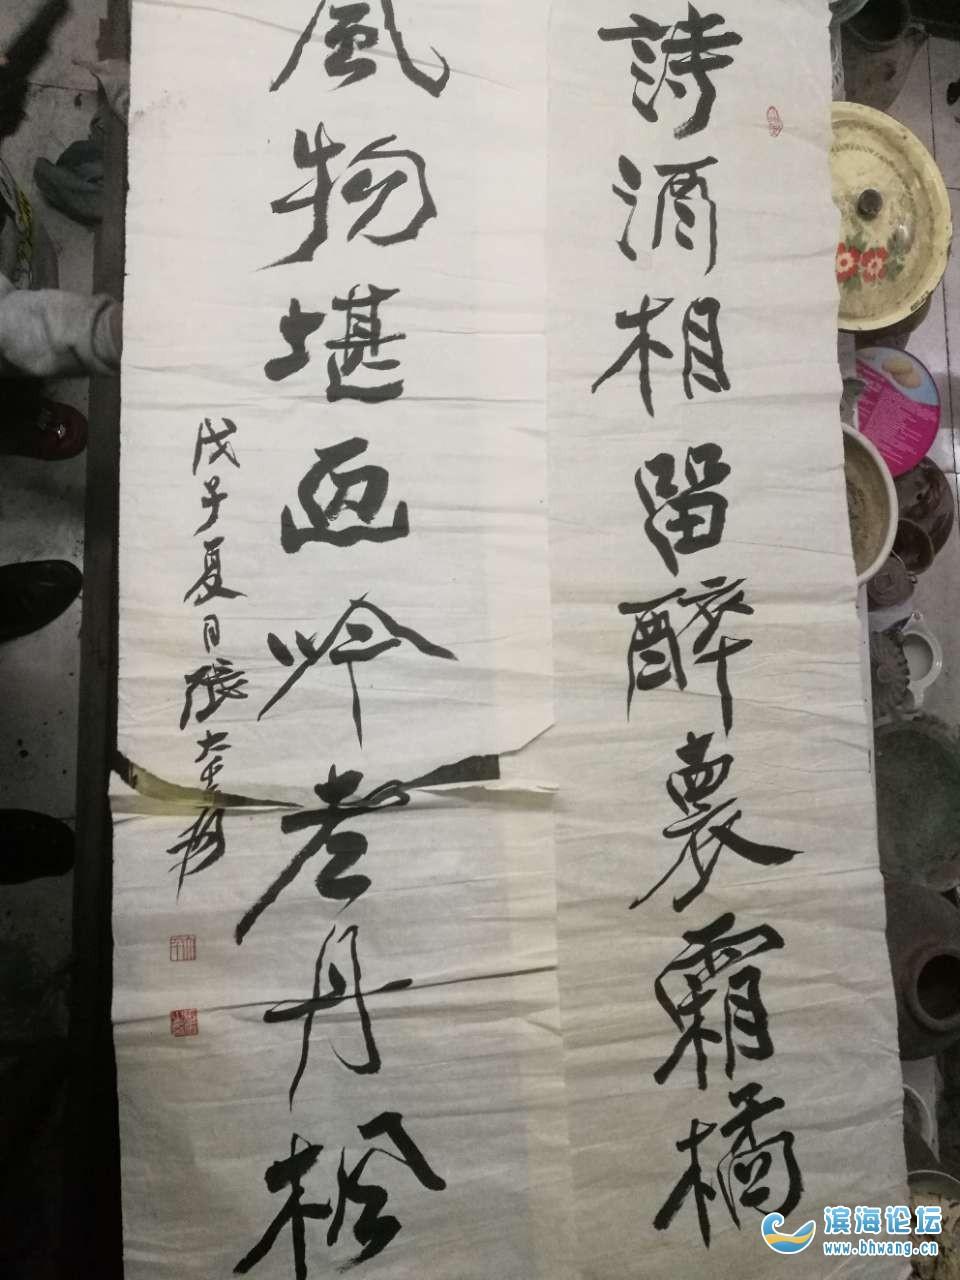 张大千书法现于滨海,现收藏于中国收藏联盟分会长:张成忠